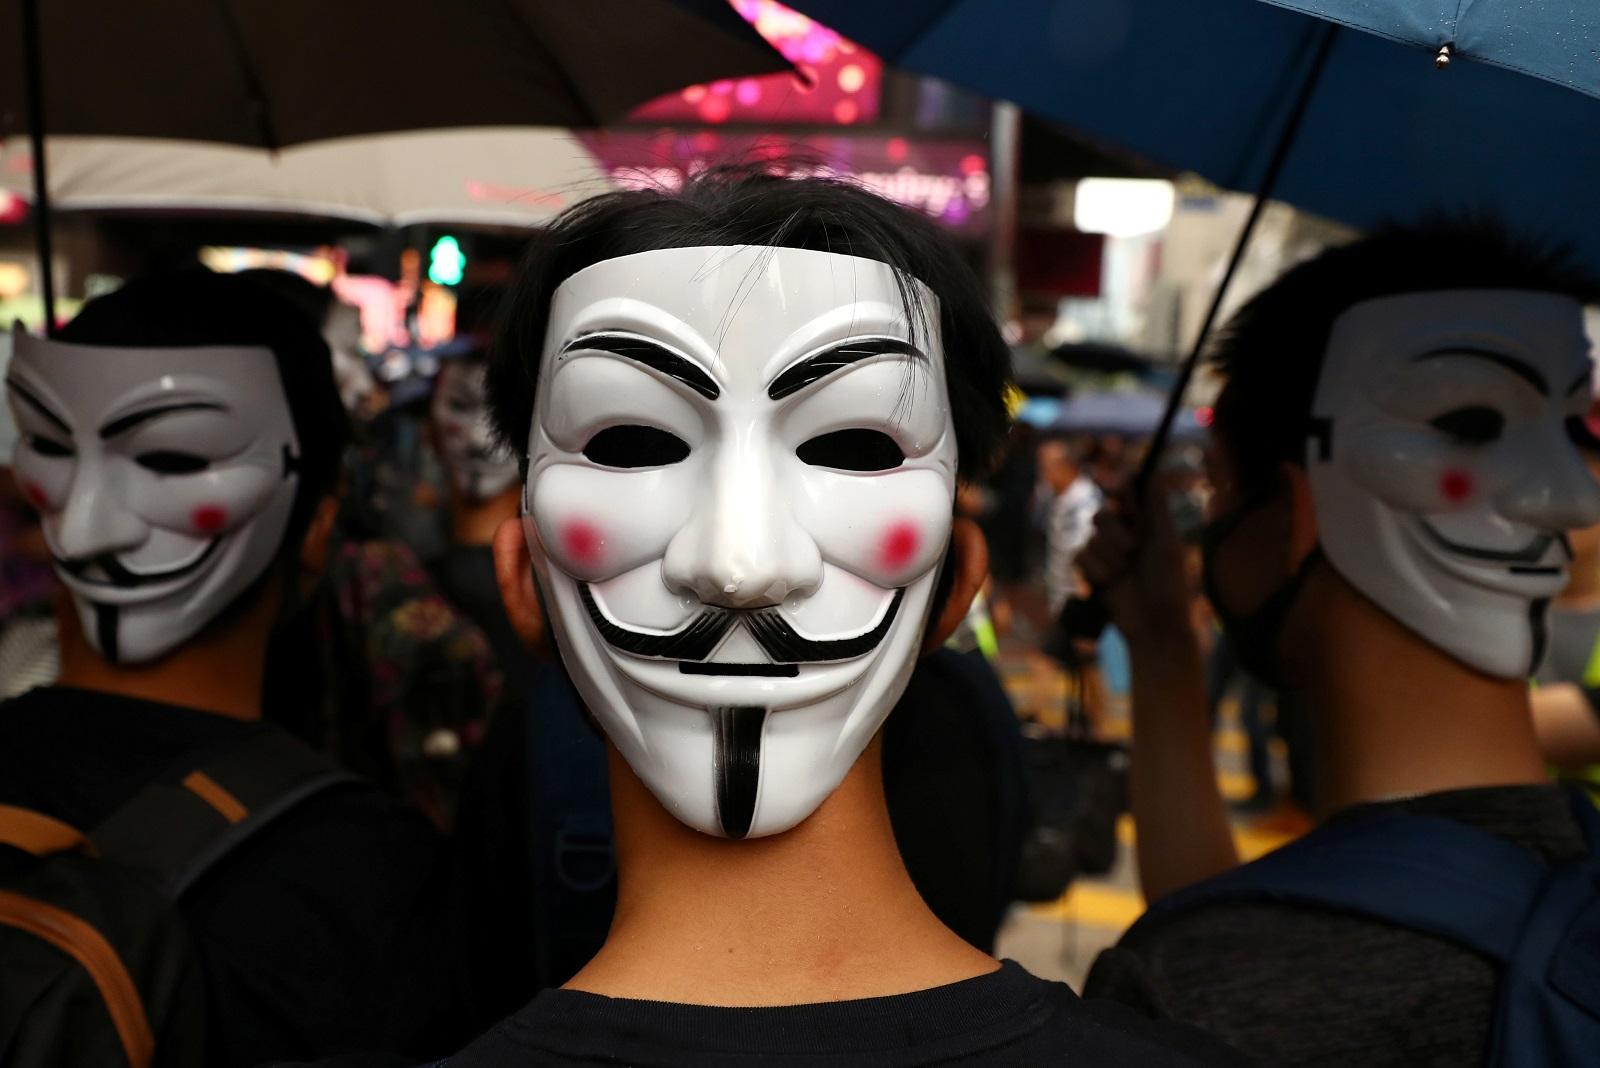 香港反送中/港人遊行抗議《禁蒙面法》 黎智英:若我們不反抗將失去一切